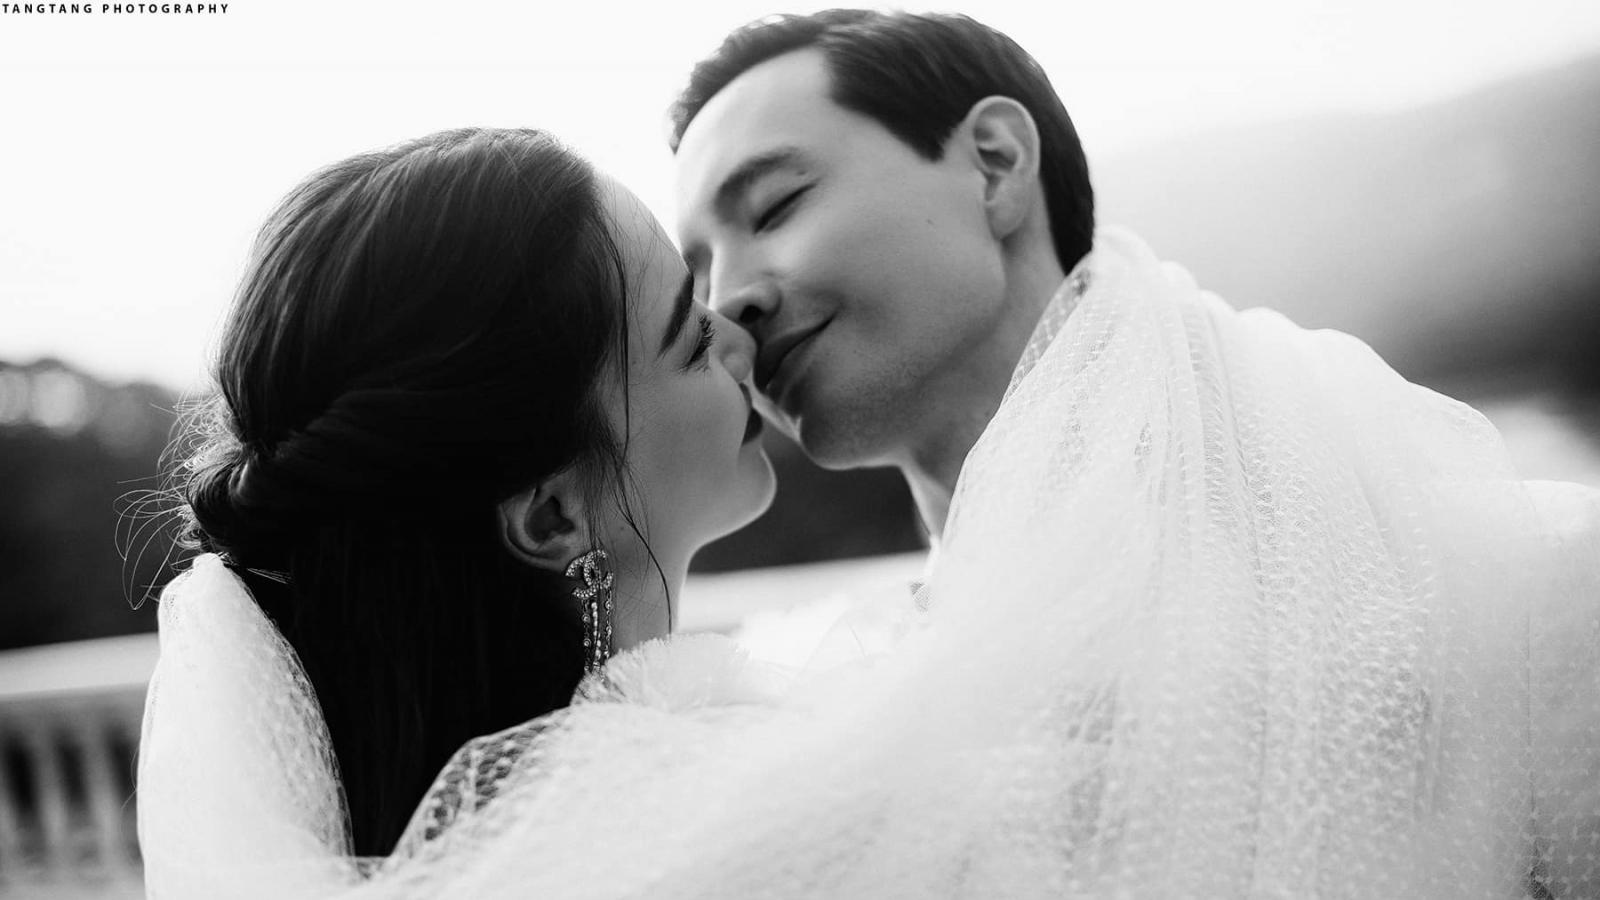 Ảnh cưới ngọt ngào, hạnh phúc của Hồ Ngọc Hà và Kim Lý